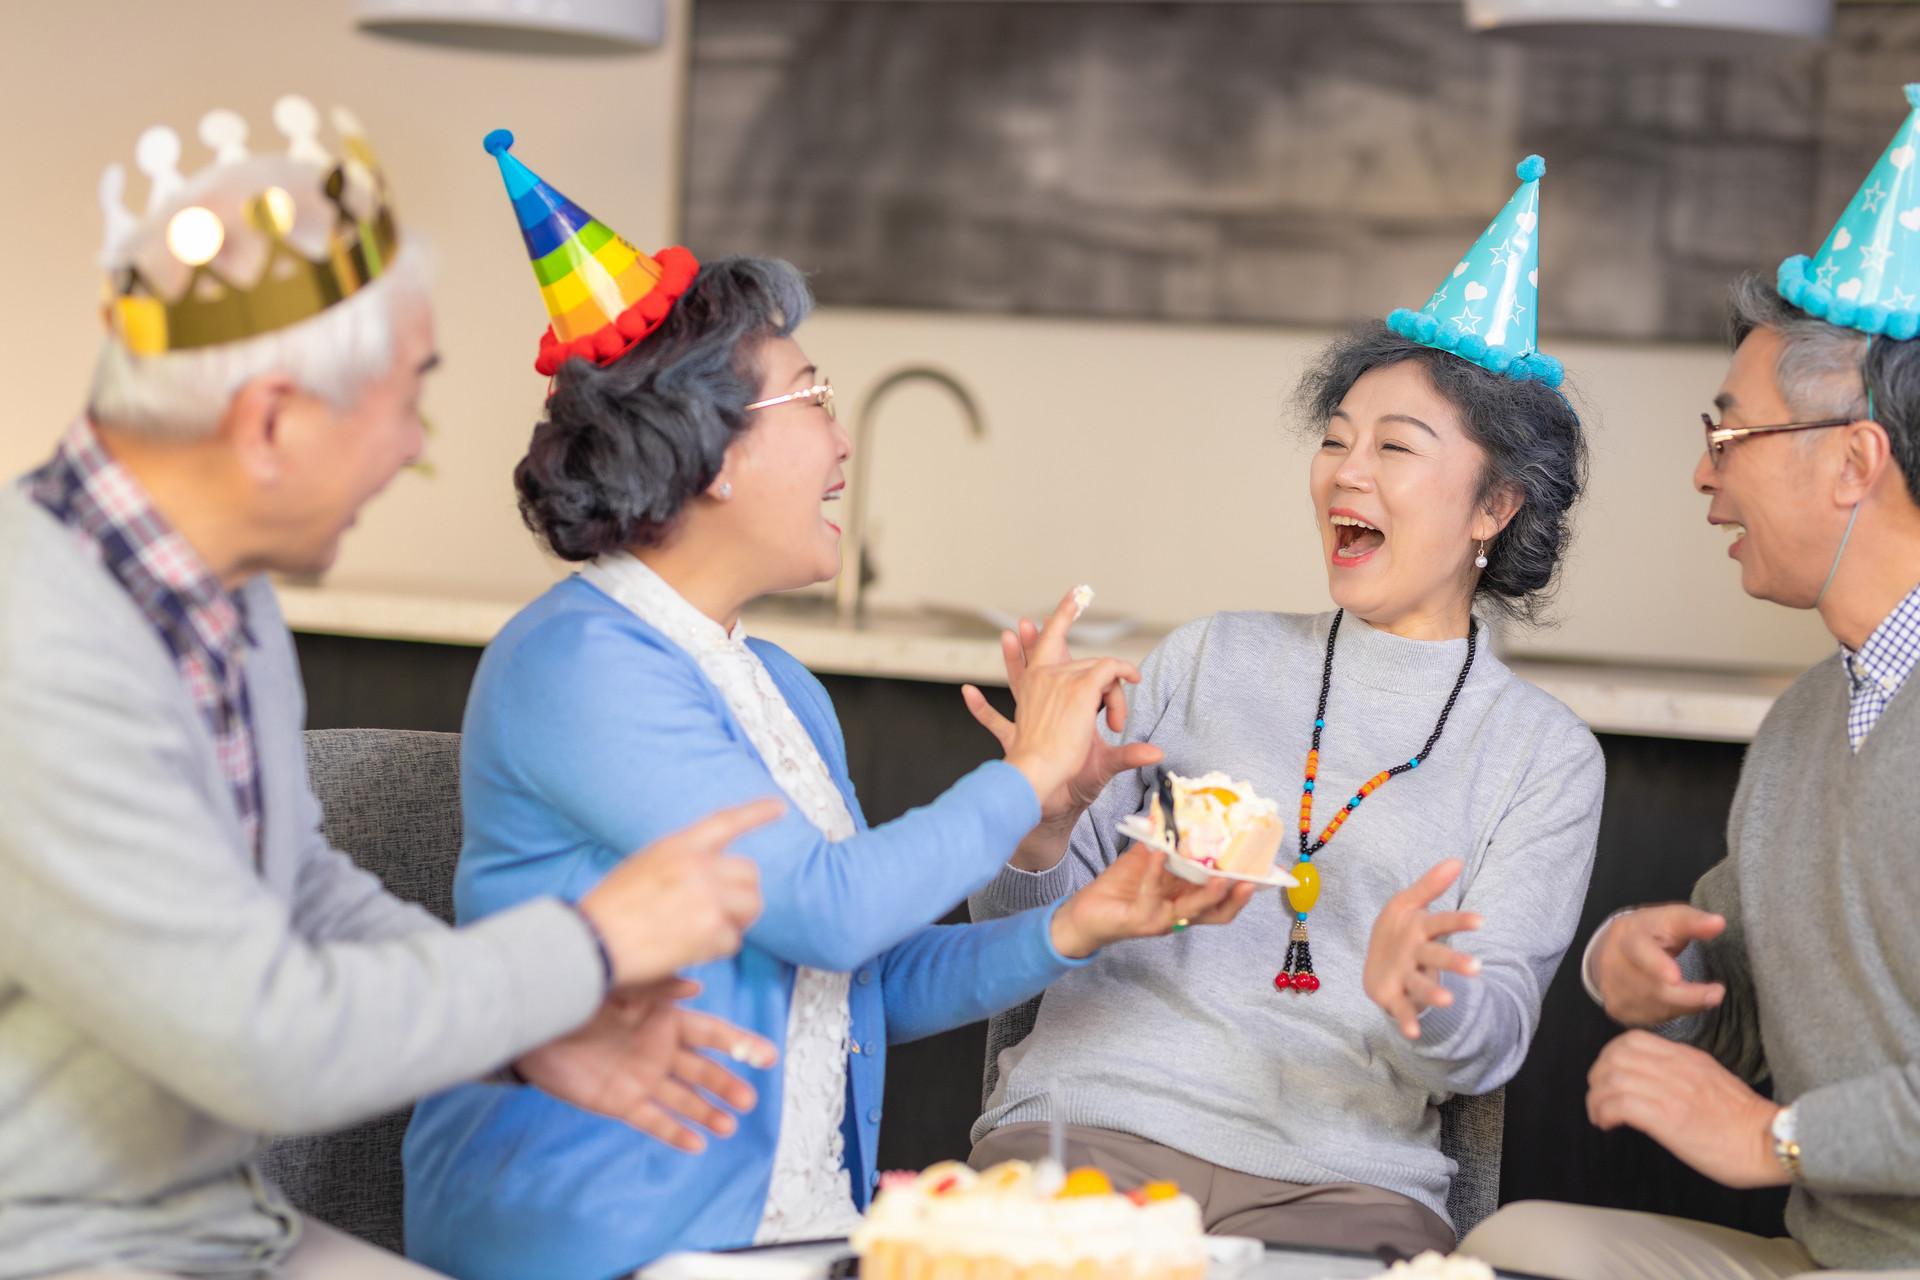 长寿的关键?研究表明:自我感觉更年轻能缓解老年人的压力,防止健康恶化